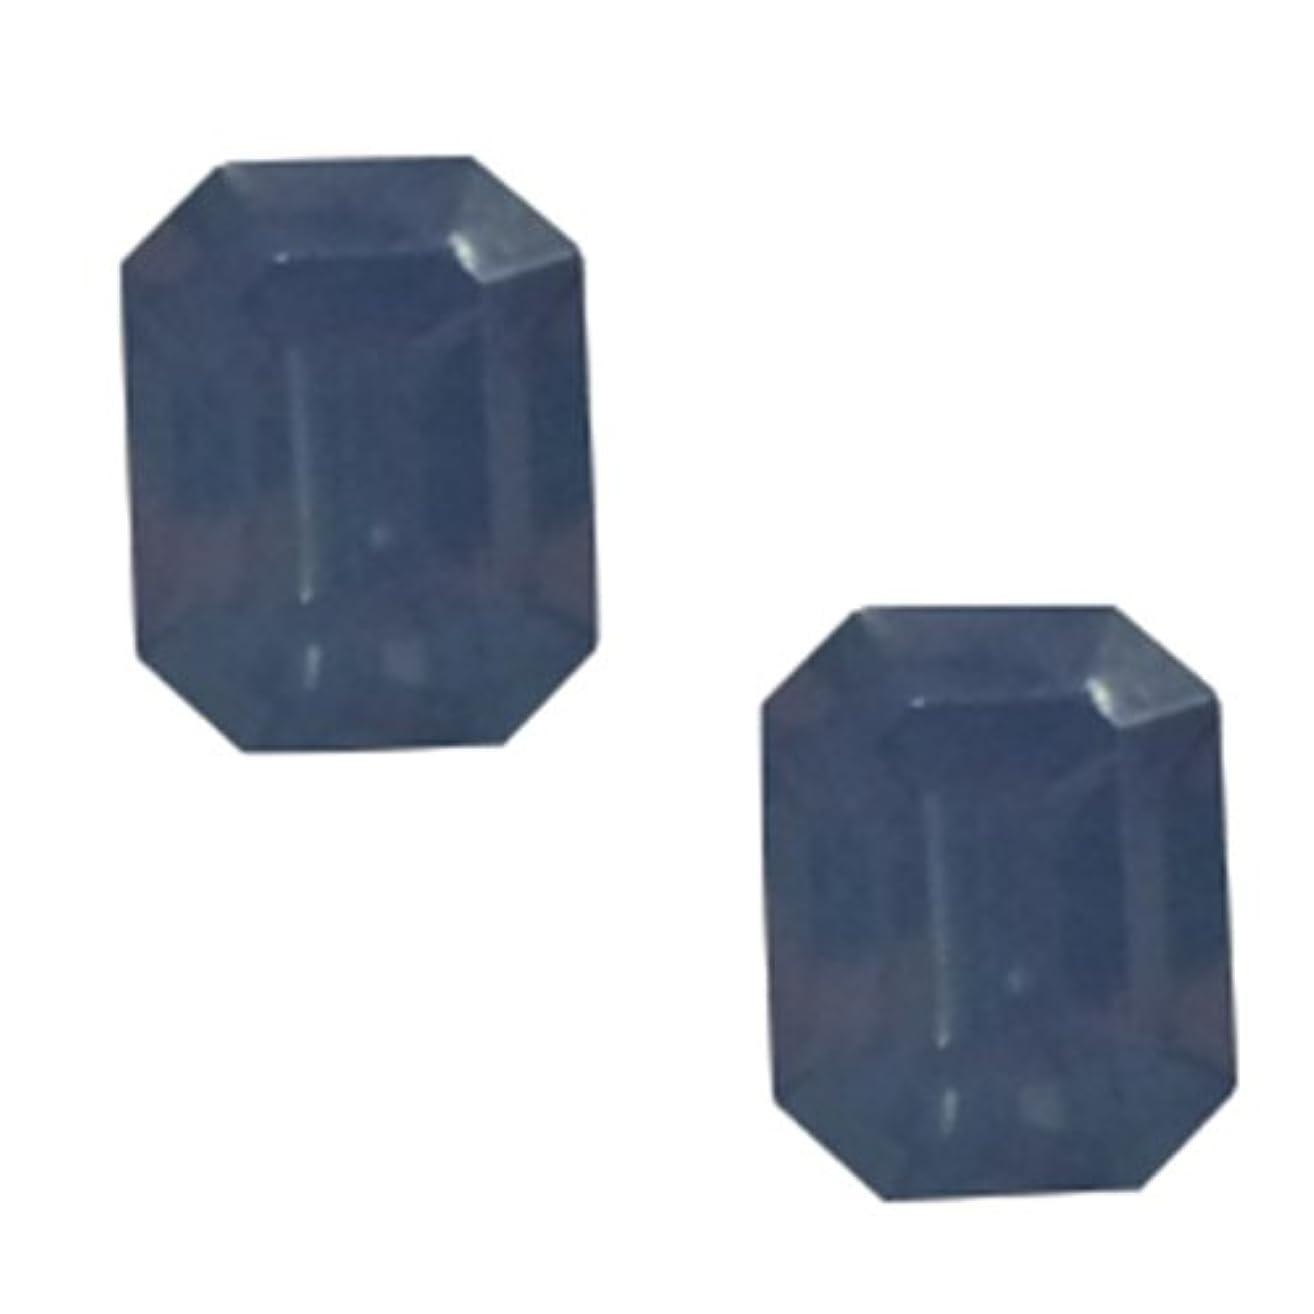 独立した平方炭素POSH ART ネイルパーツ長方形型 4*6mm 10P ブルーオパール